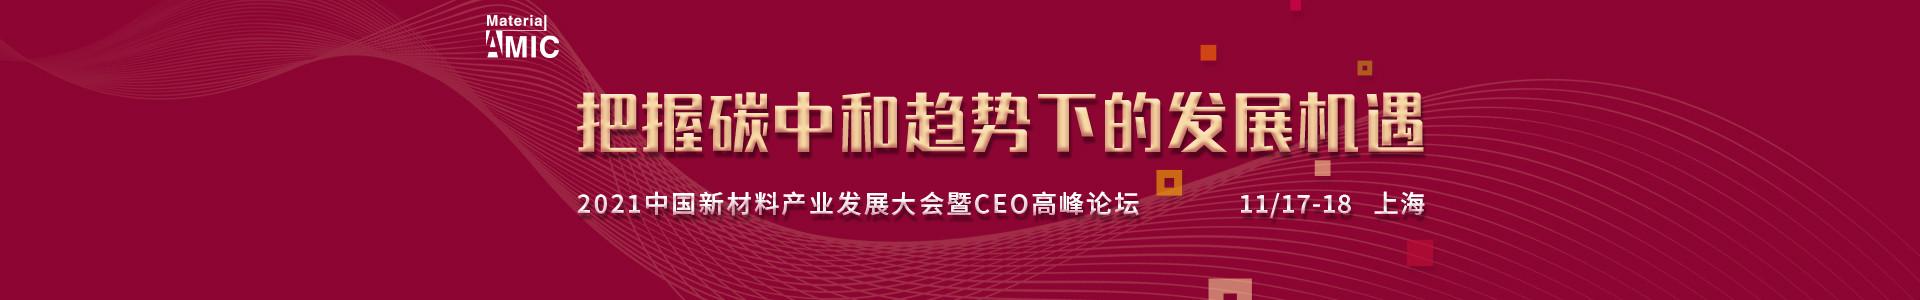 中国新材料产业发展大会暨CEO高峰论坛